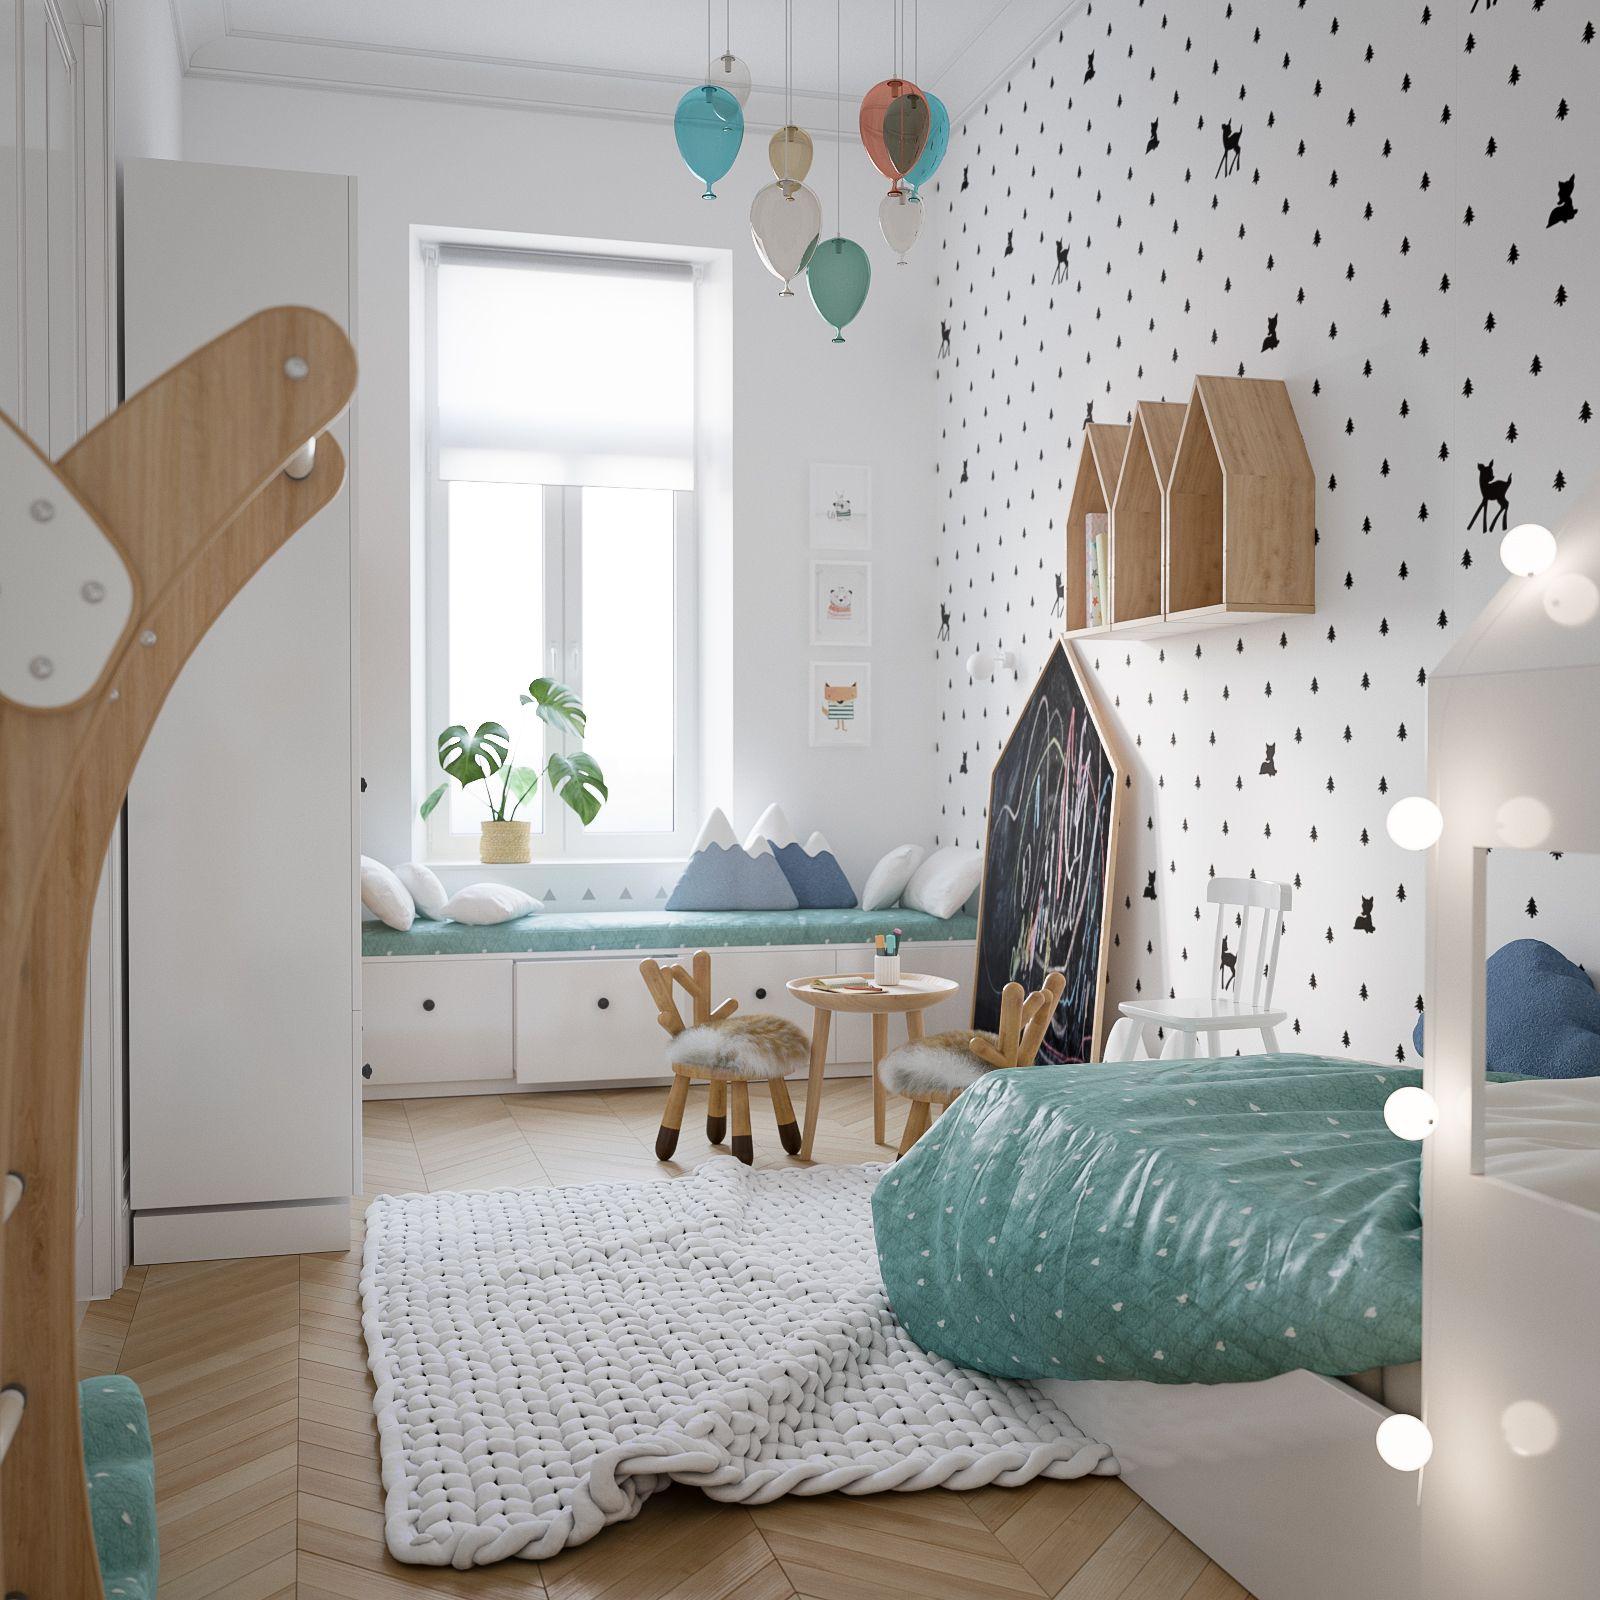 adorable kids room decor 1600—1600